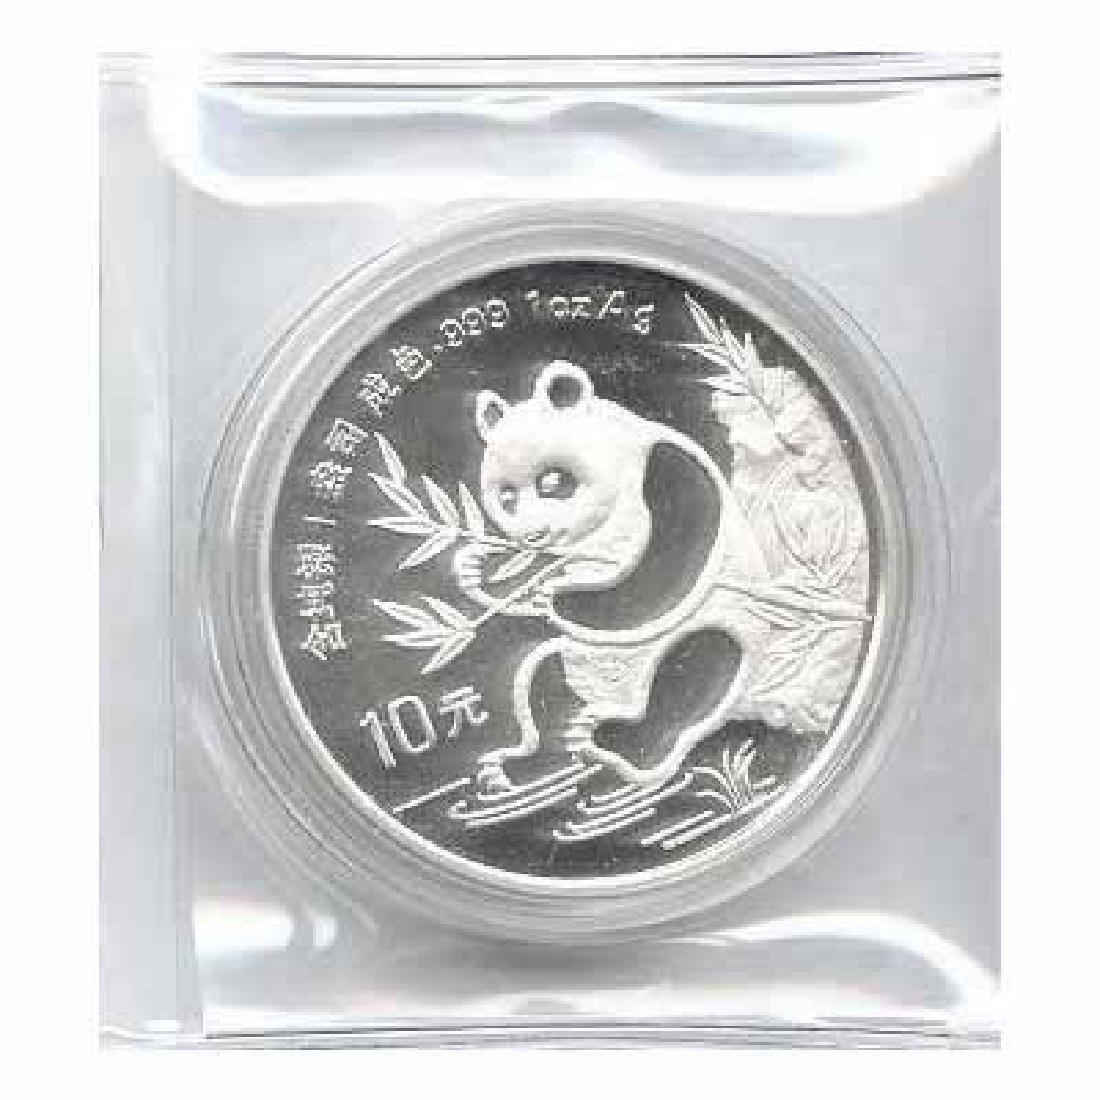 1991 Chinese Silver Panda 1 oz - Small Date